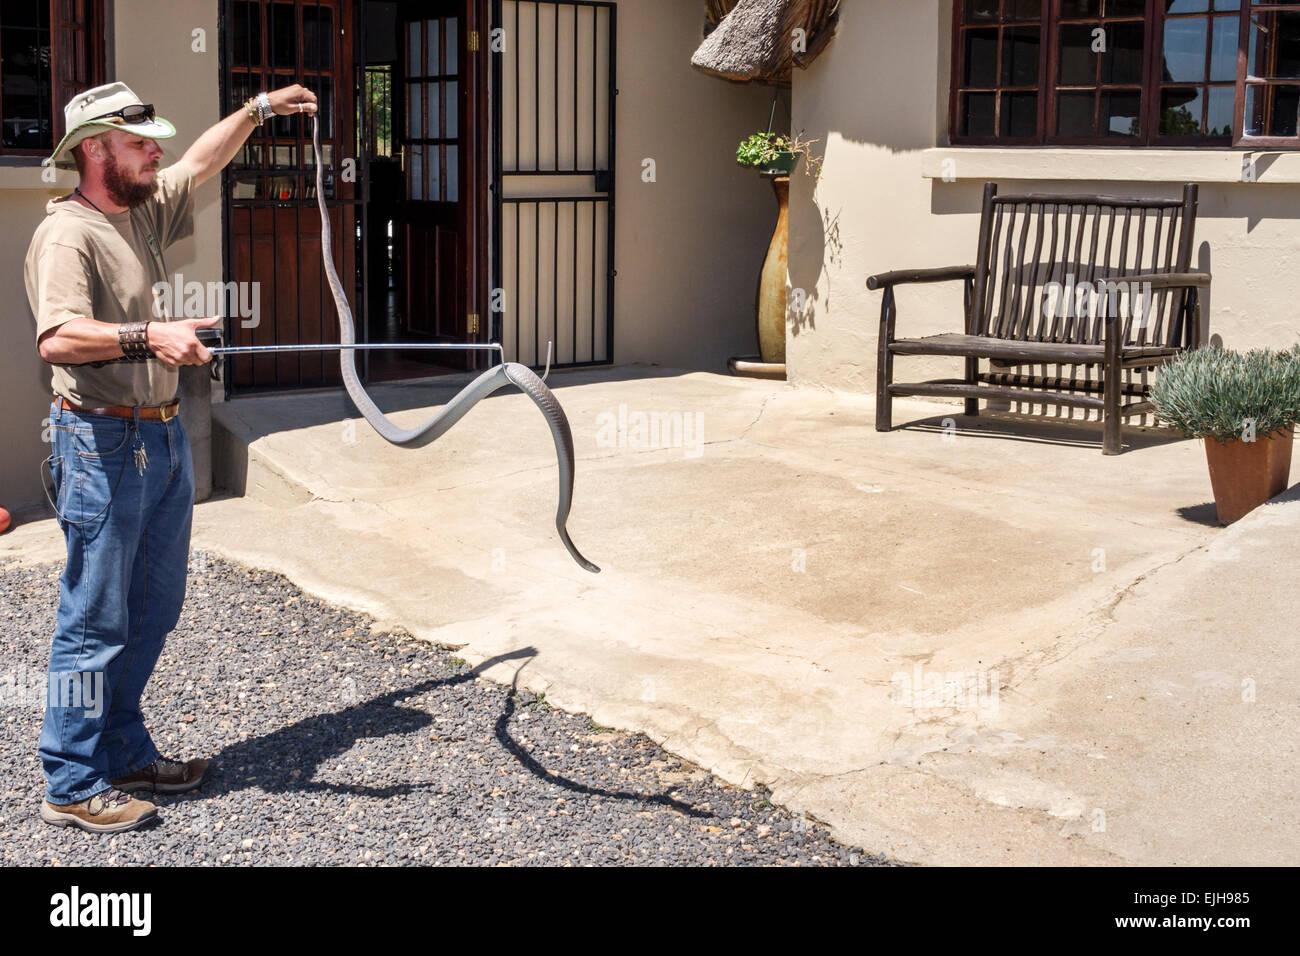 Johannesburg Sudafrica African Croc City Crocodile & e del rettile Park farm uomo guarda dipendente animale Immagini Stock